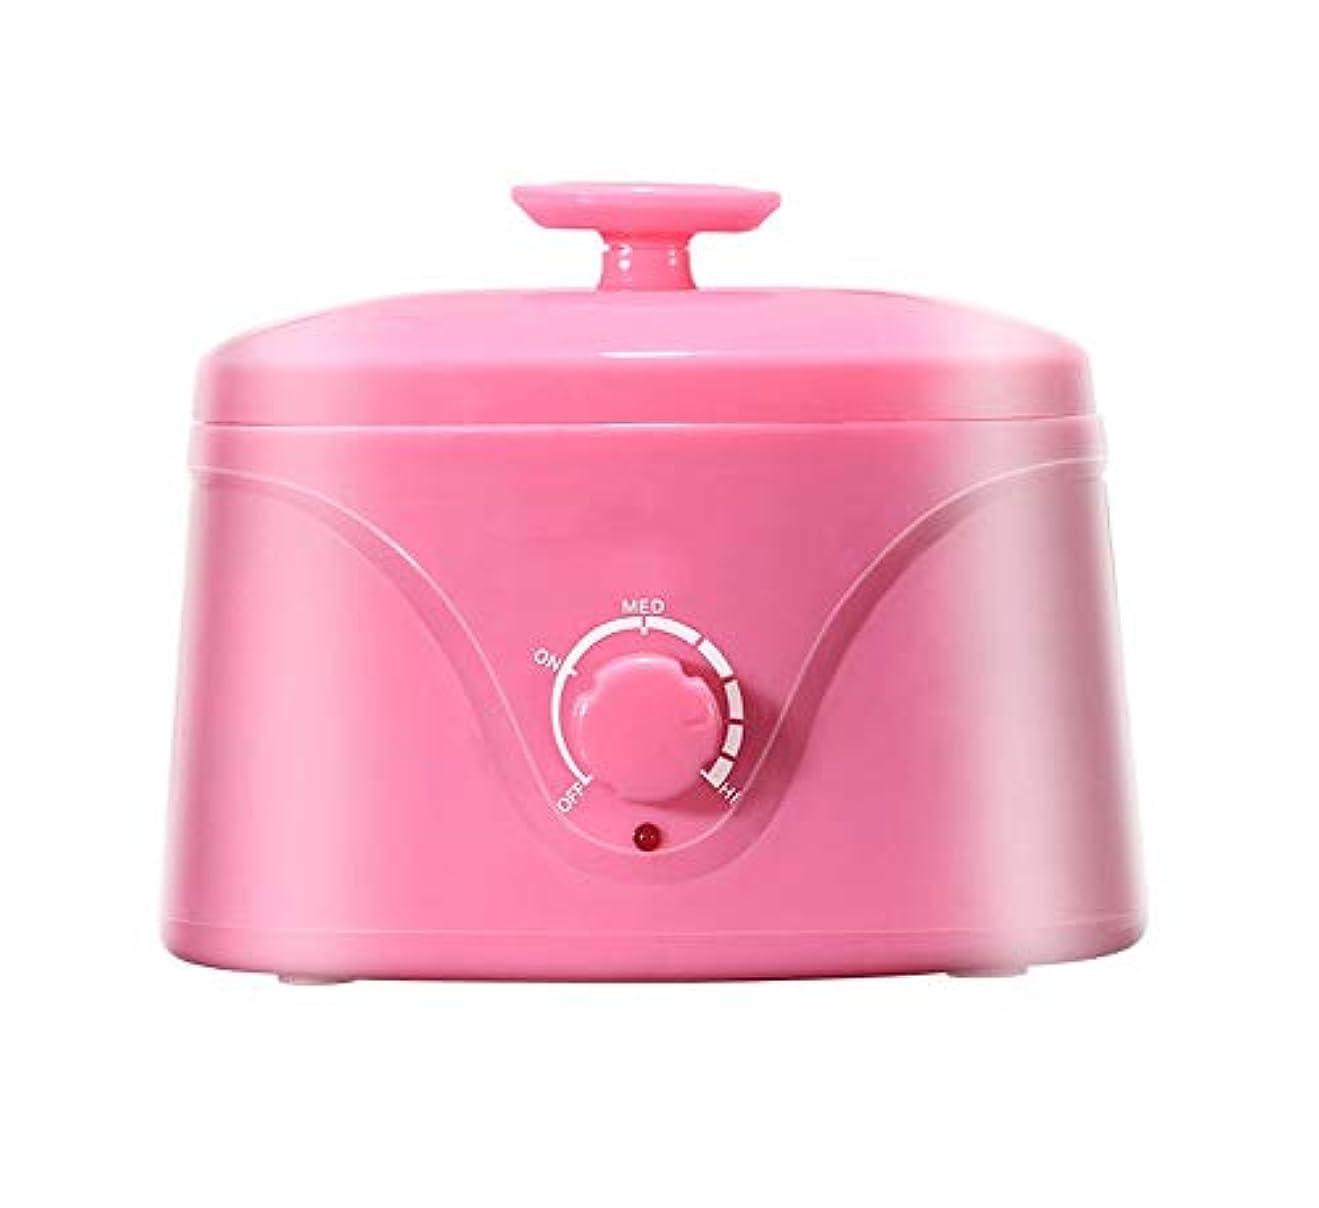 移行振幅手綱女性男性のためのホットワックスウォーマー脱毛ワックスがけStriplessプロフェッショナルサロンエレクトリックワックスヒーターポット (Color : ピンク)